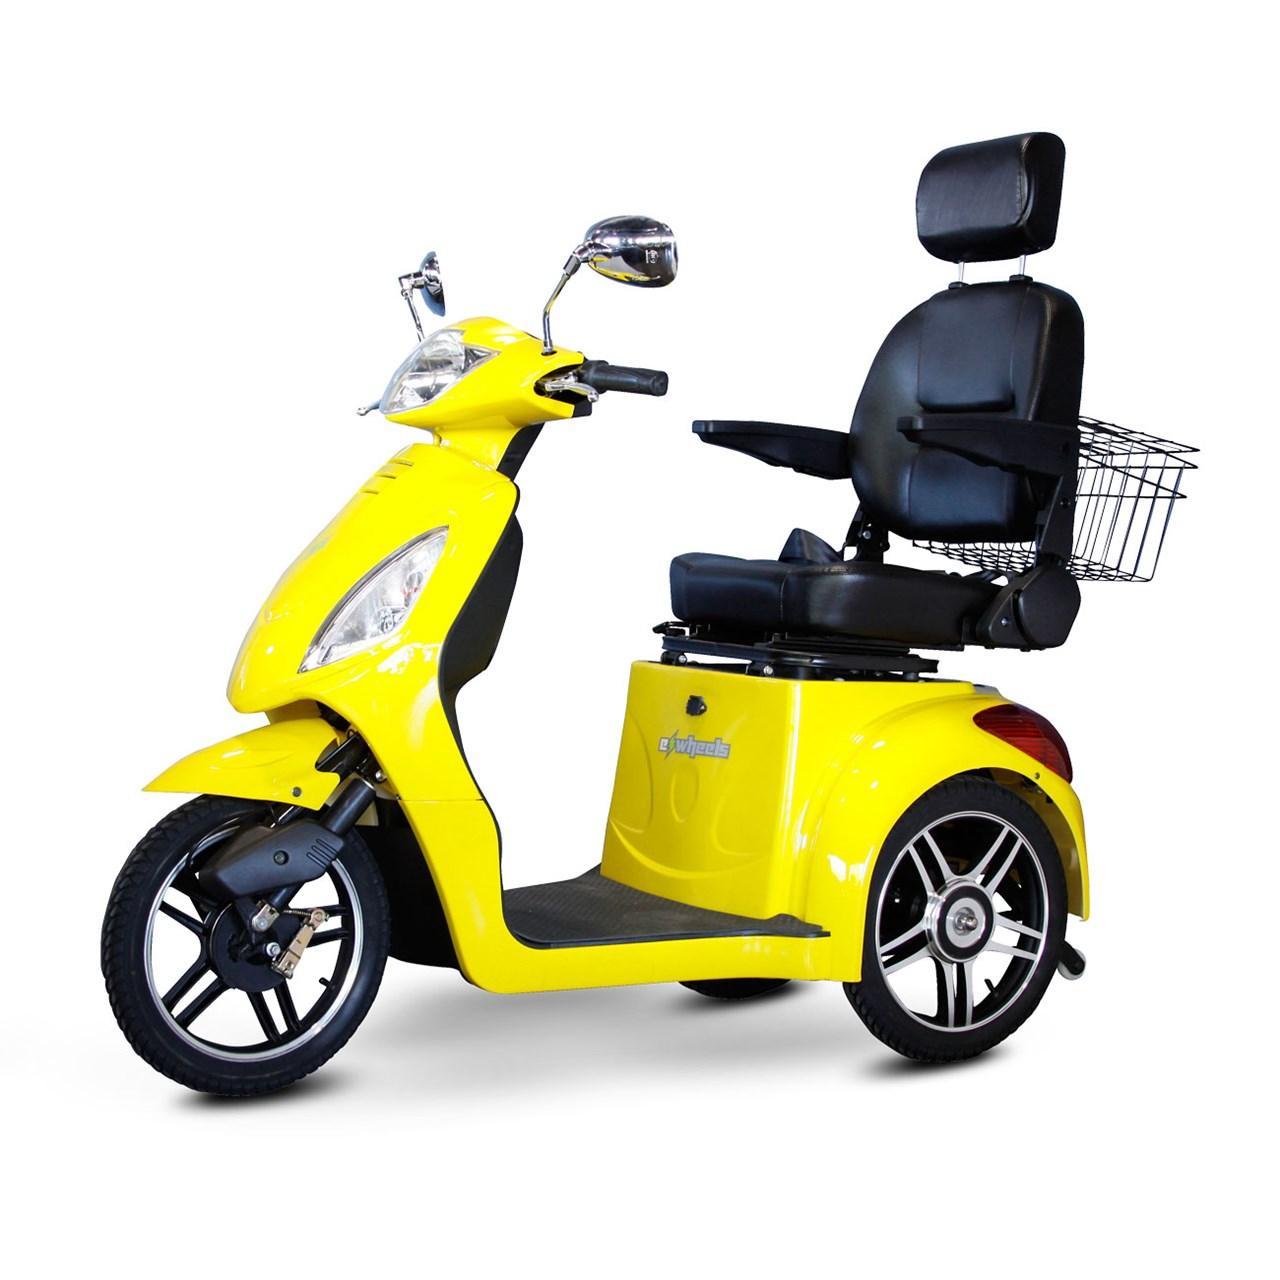 E-Wheels EW-36 3-Wheel Electric Senior Mobility Scooter - Yellow